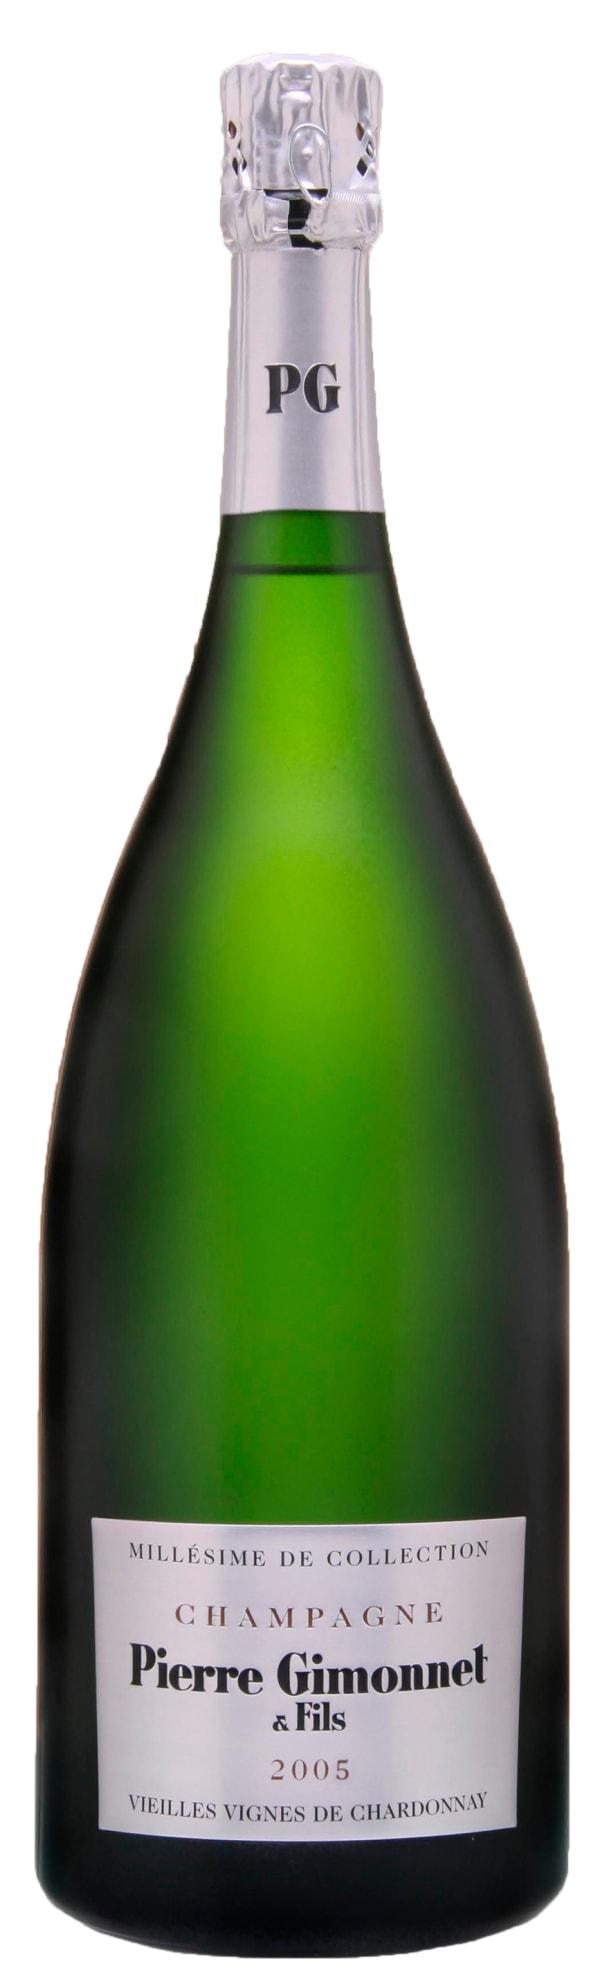 Pierre Gimonnet Millésime de Collection Vieilles Vignes de Chardonnay Champagne Brut 2005